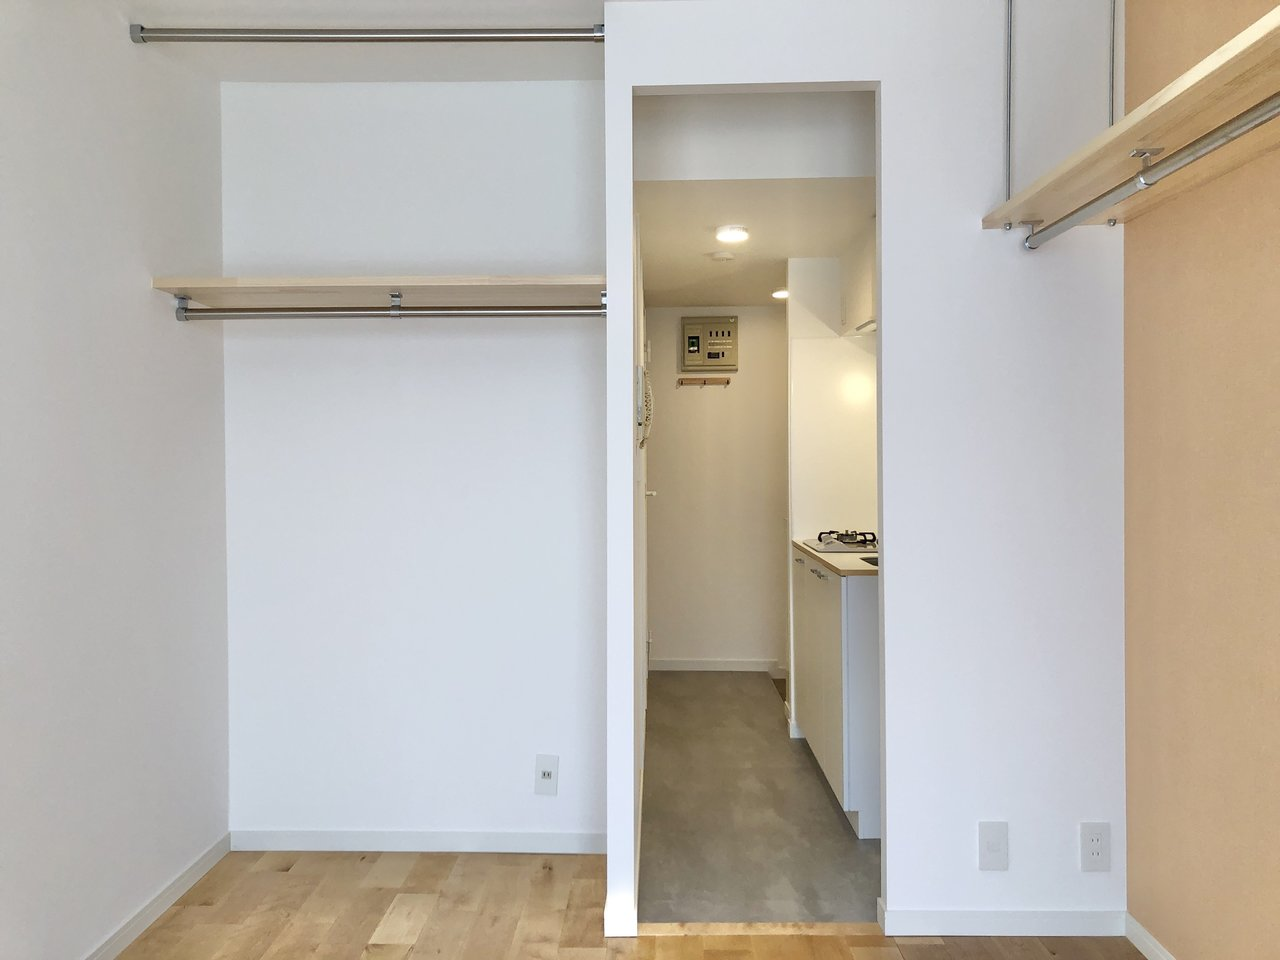 収納は吊り棚だけで十分という方は、オープンクローゼットにスッポリとデスクを配置しても良さそう。こちら側はカーテンで目隠しをすることもできます。